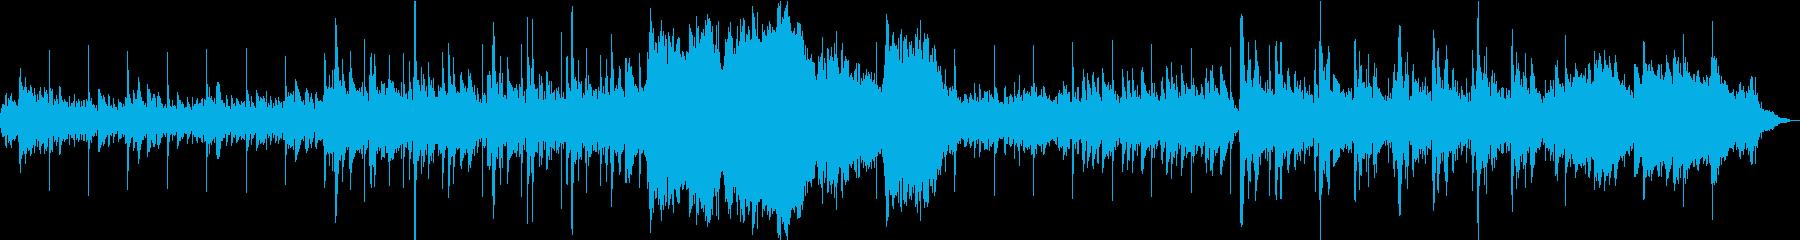 冬/クリスマス/キラキラオーケストラ曲の再生済みの波形